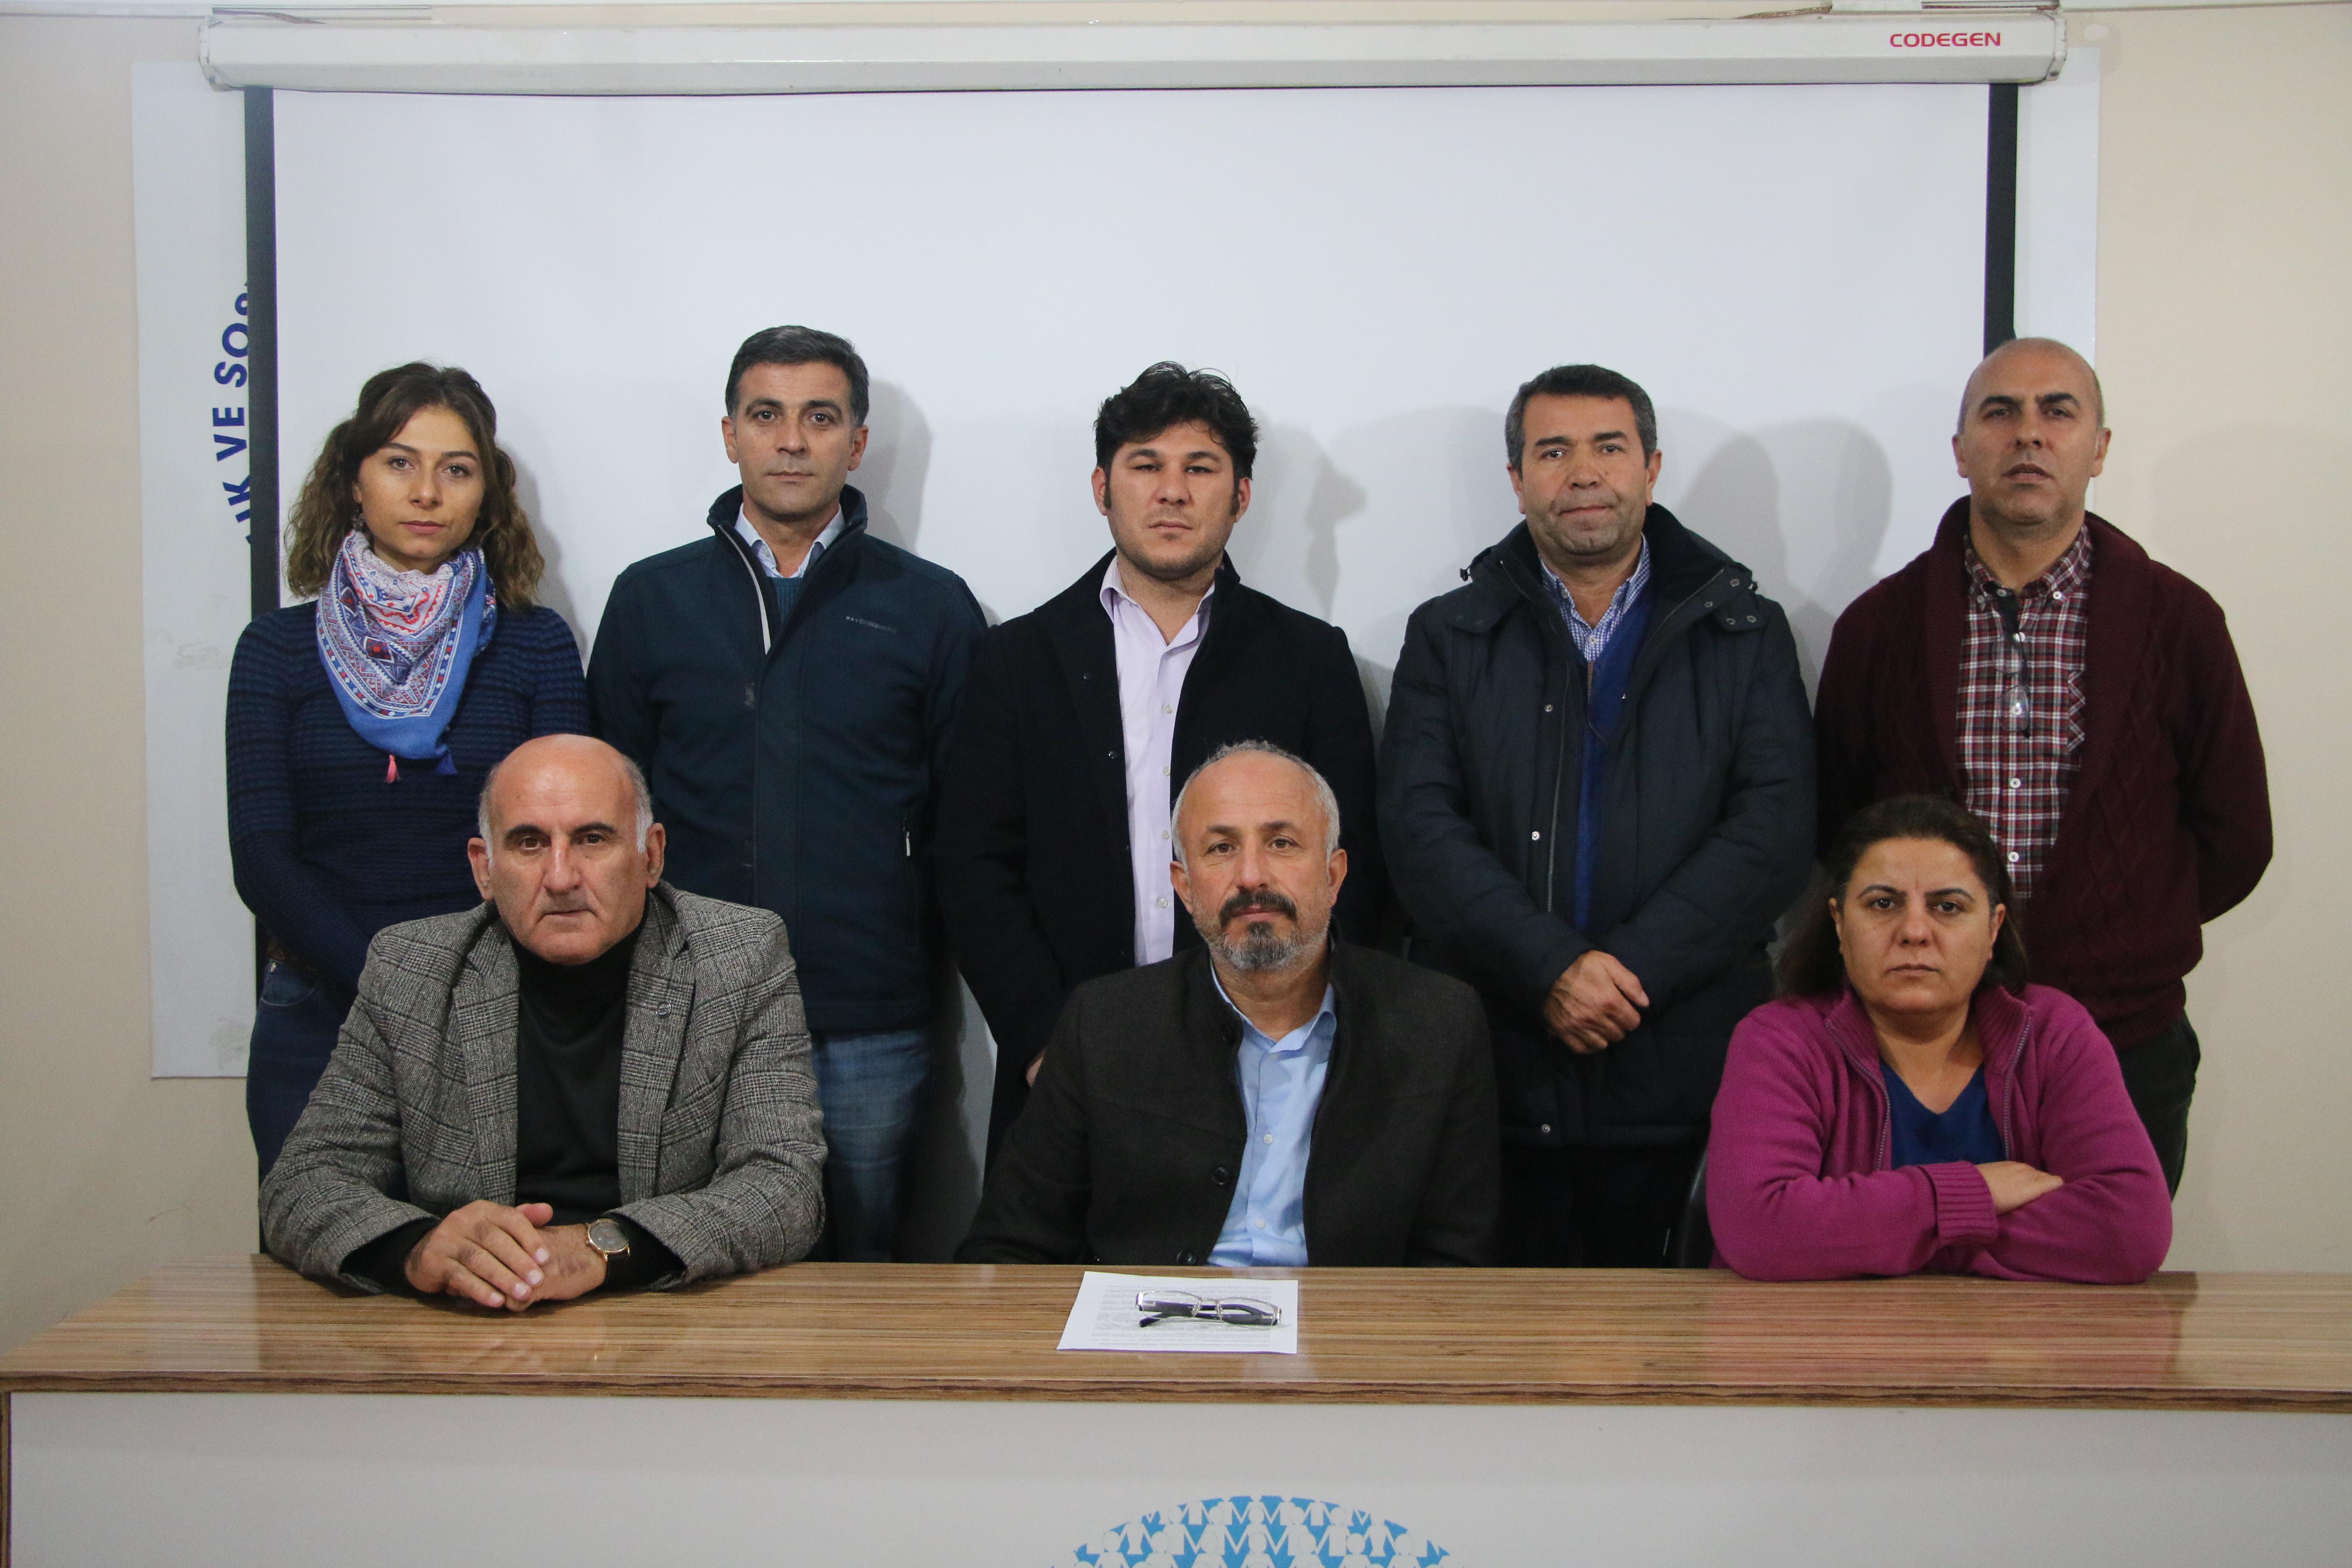 KESK Van Şubeler Platformu: Gözaltına Alınan Arkadaşlarımız Serbest Bırakılsın